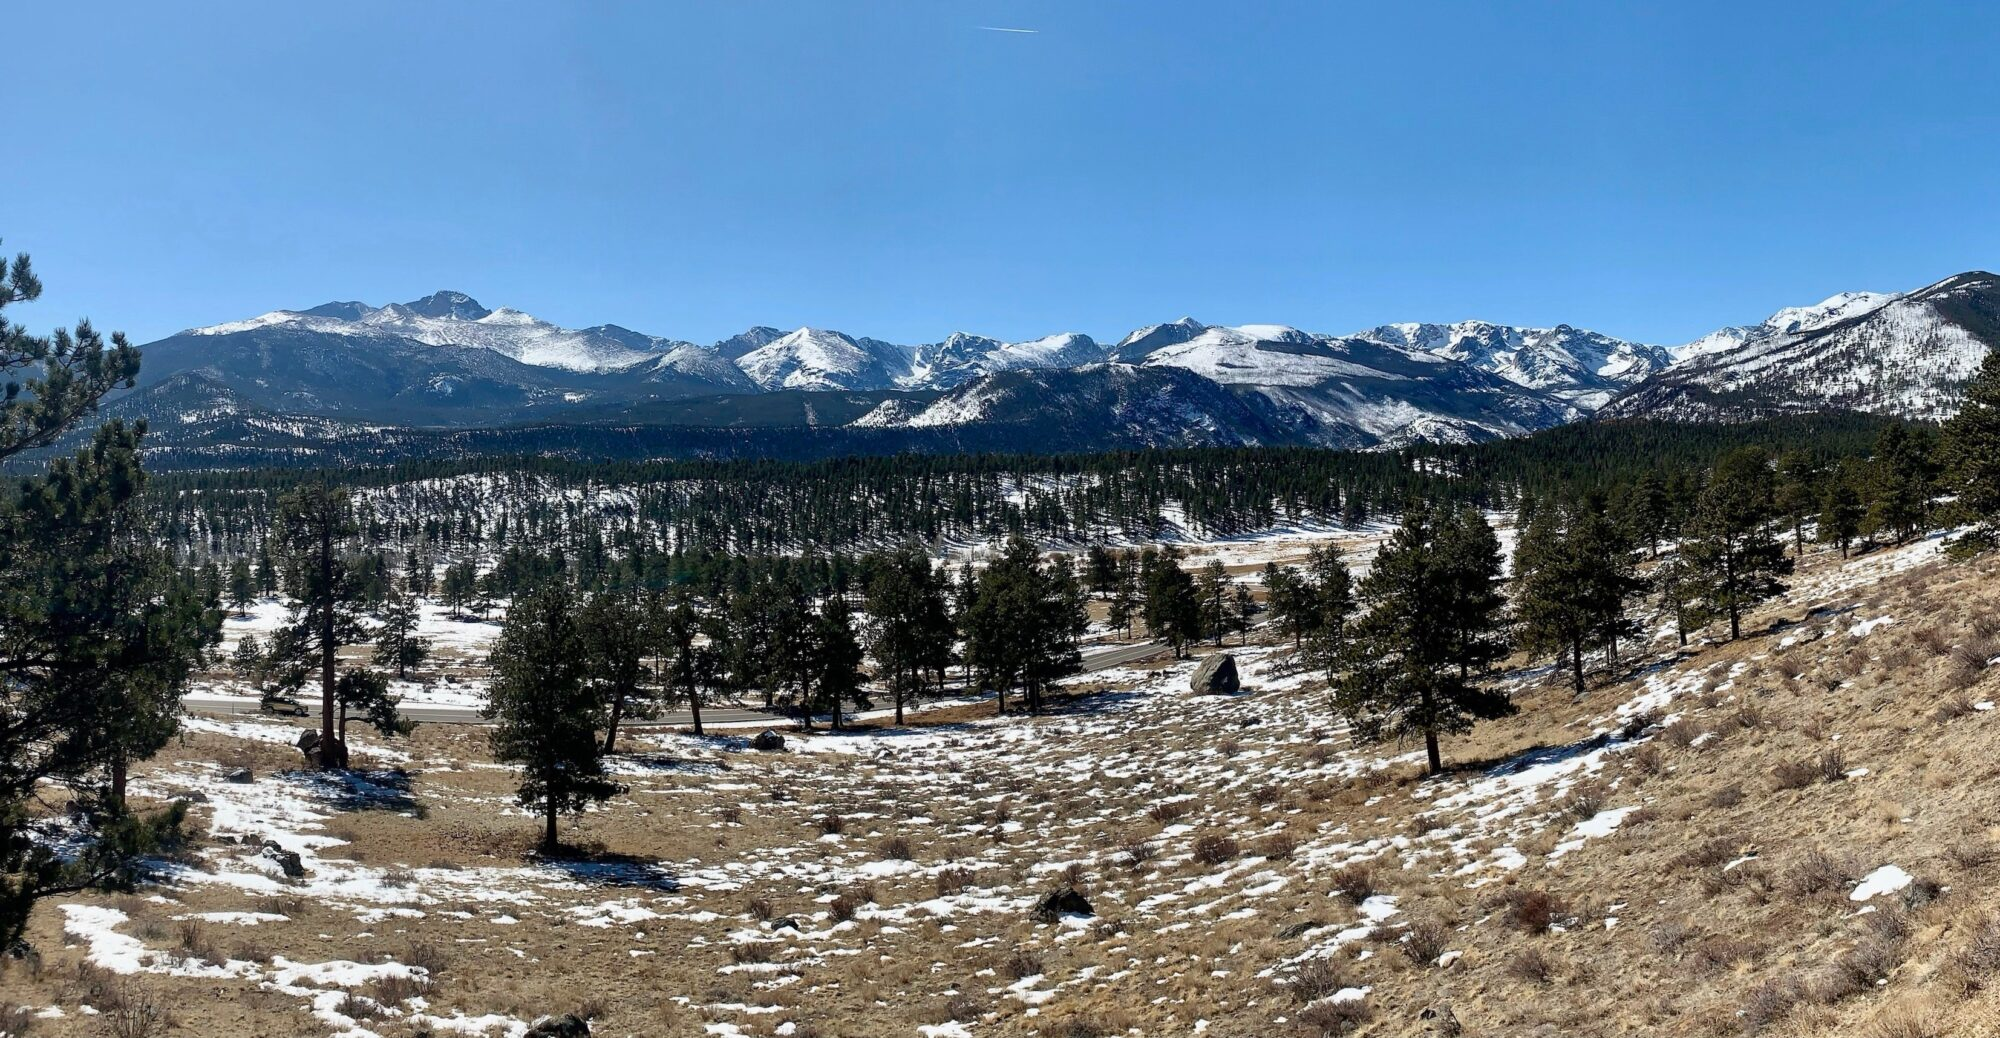 Driving, Rocky Mountain National Park, Colorado.